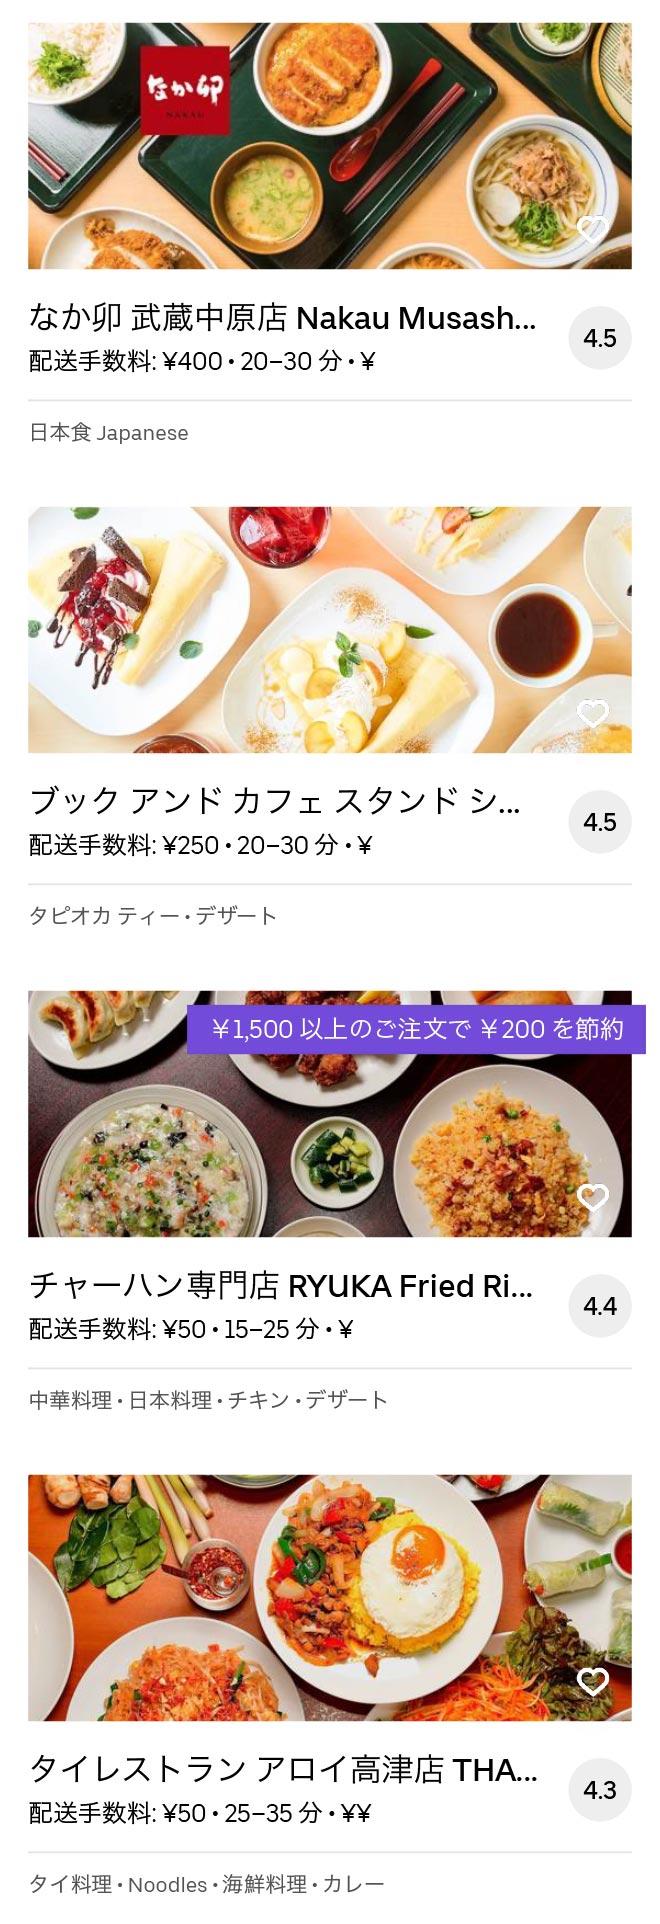 Takatsu menu 2004 07